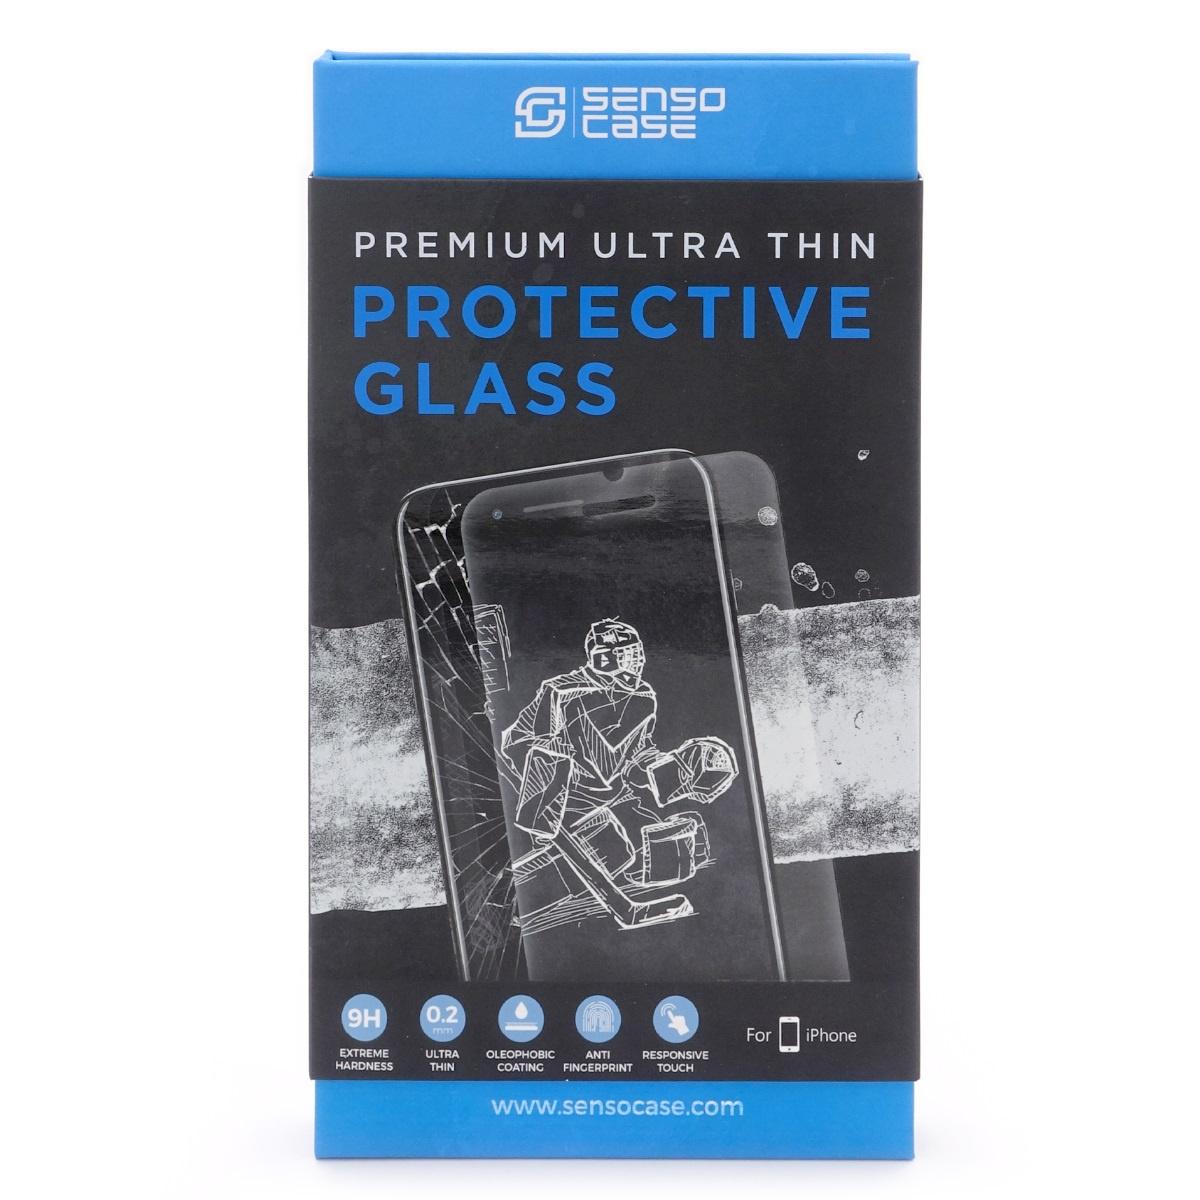 Защитное стекло SensoCase для iPhone 6/6s Plus Protective Glass 0.2 mm 2,5D 9H+, ультратонкое, кристально прозрачное, PG-IP6P